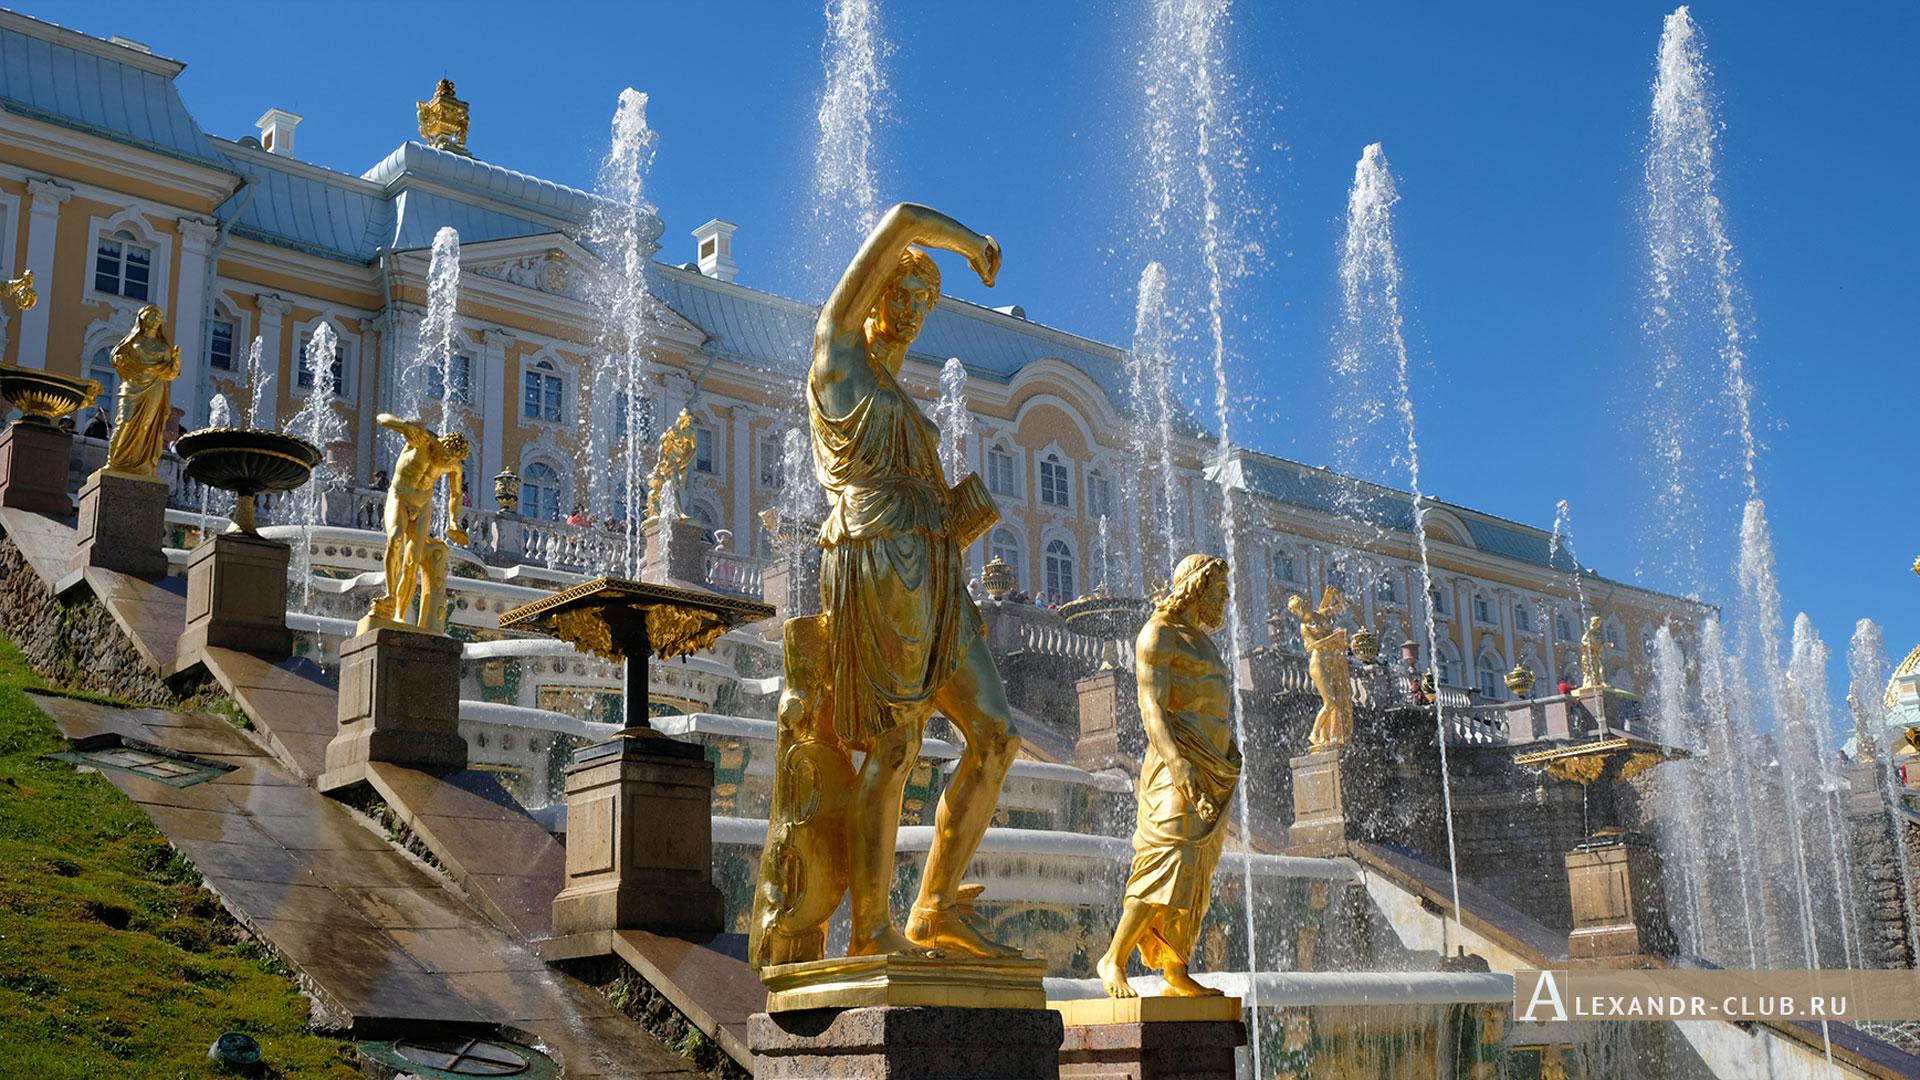 Петергоф, весна, Нижний парк, фонтан «Большой каскад», Большой петергофский дворец